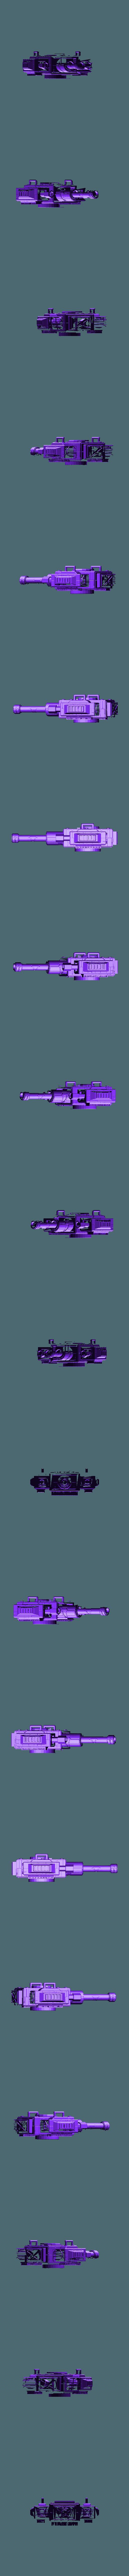 Head.stl Télécharger fichier STL gratuit Possible Réservoir Sci-Fi - MK 01 • Plan imprimable en 3D, CarlCreates